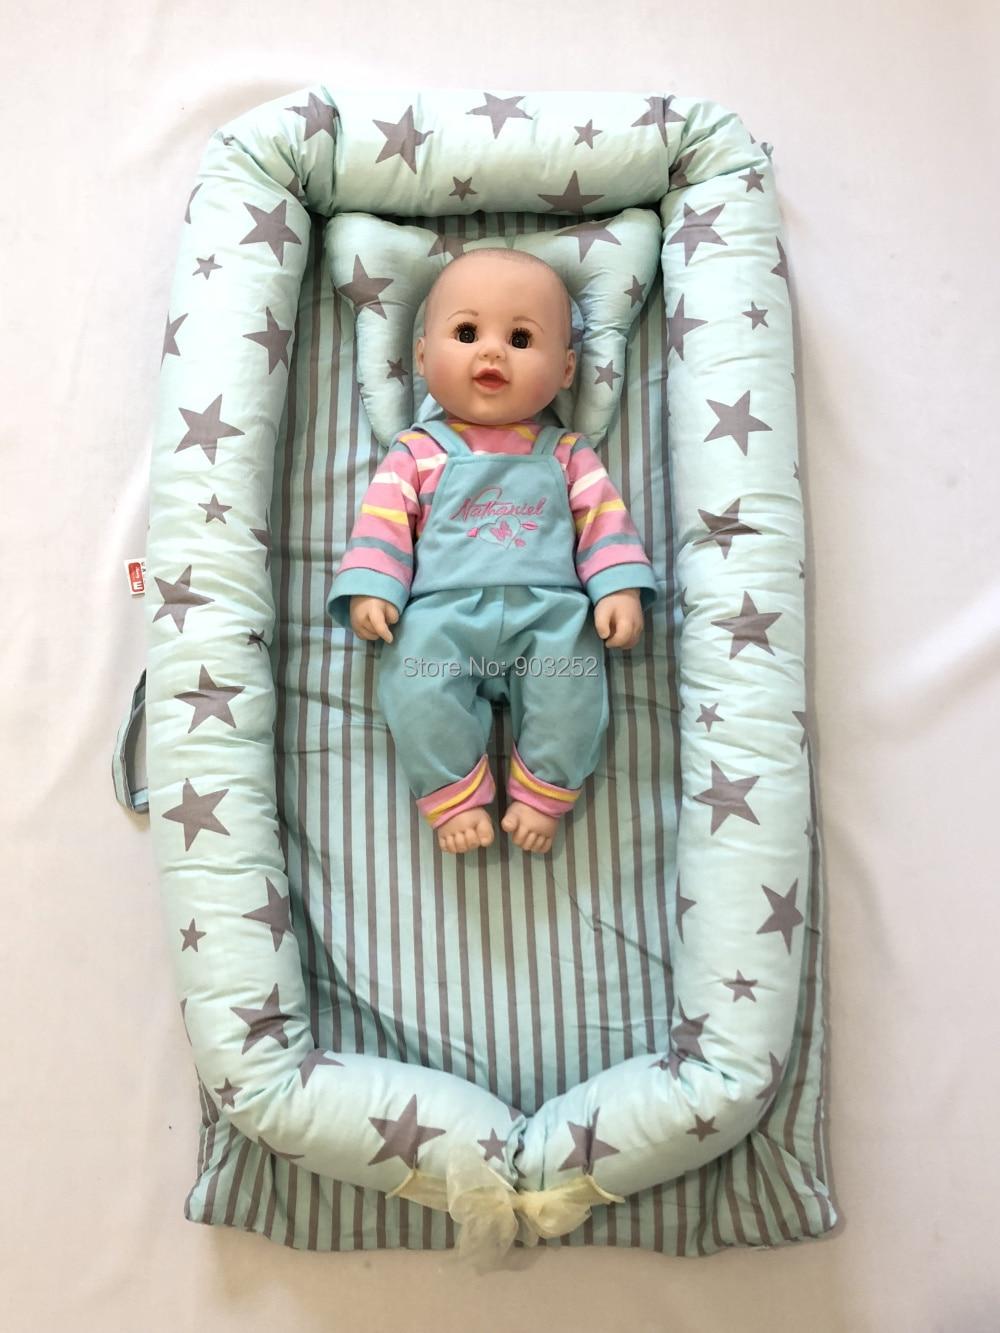 Детская кровать-гнездо с подушкой, детская кровать, snuggle nest. Co-sleeper, детская кровать для путешествий, детский кокон, детская кровать, детская спальная